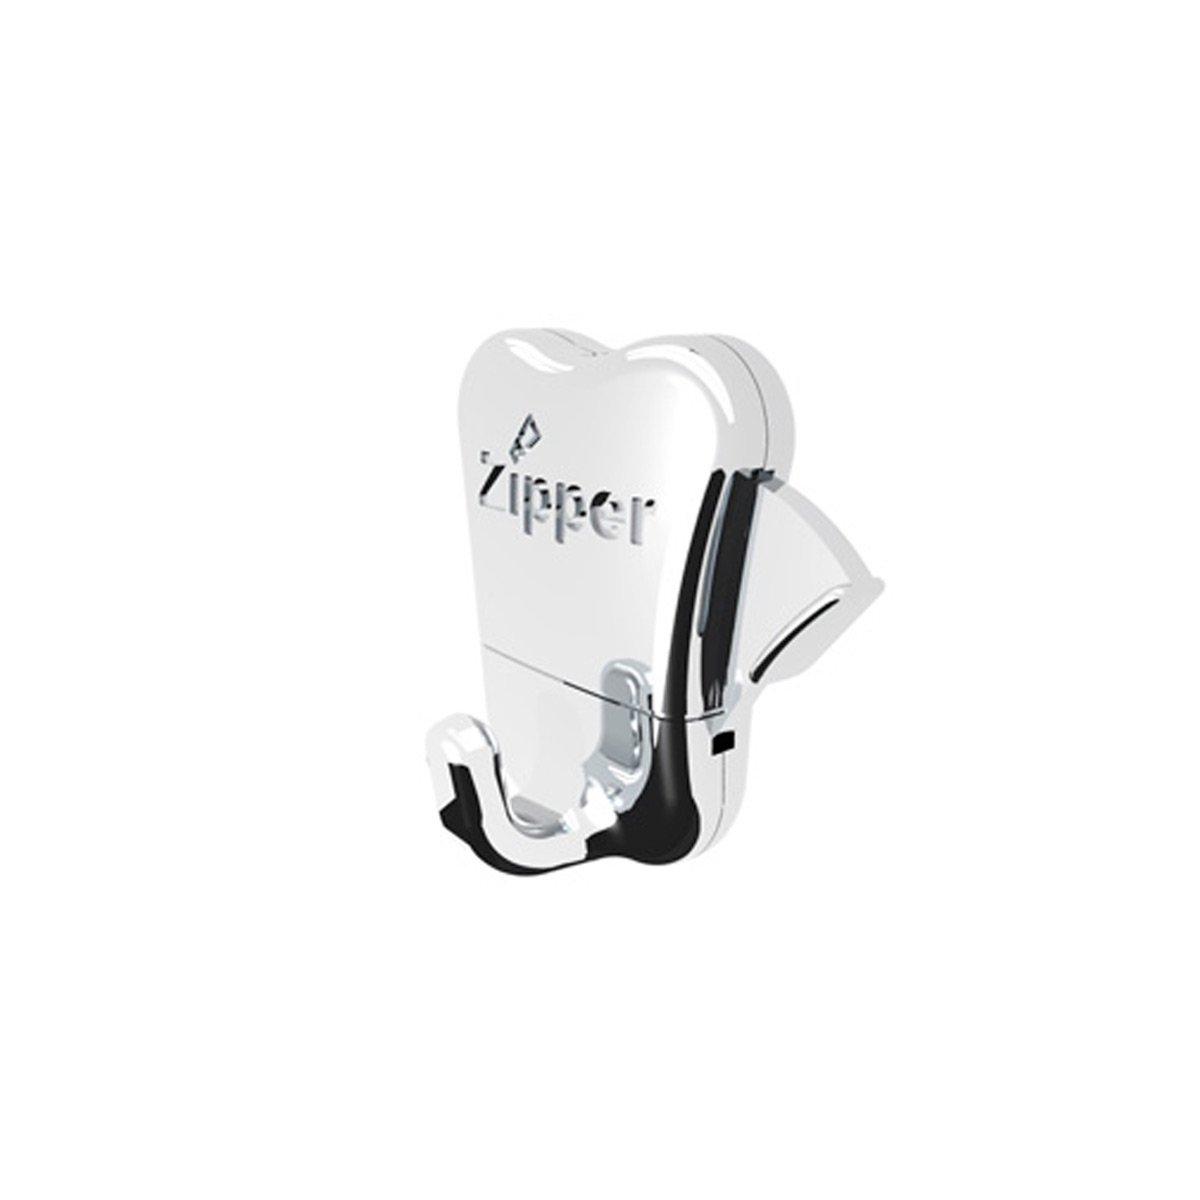 Stas gancho Zipper –  Accesorios para imá genes de colgar ysteme, 10 LuBo Versandhandel GmbH